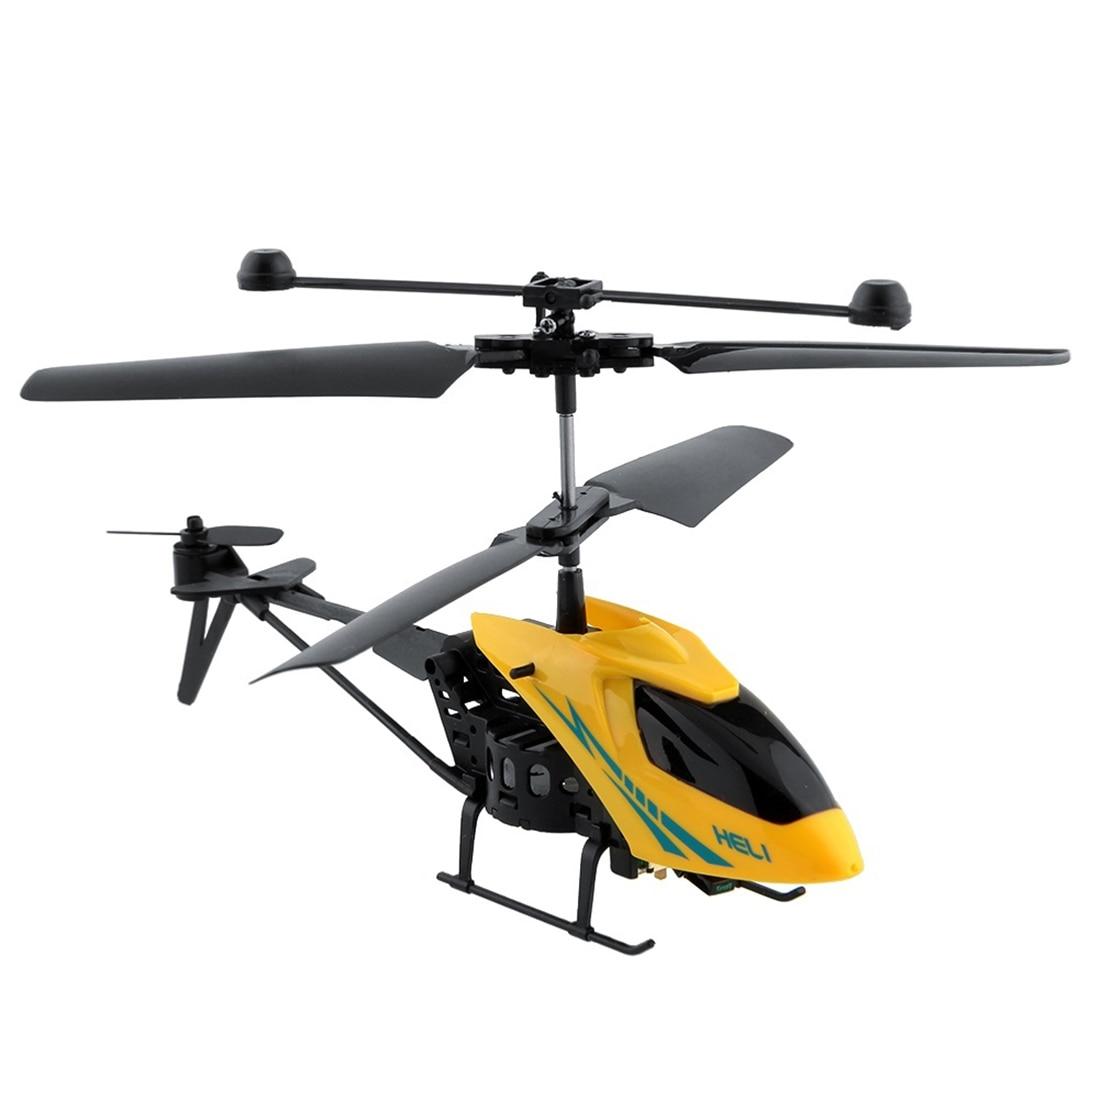 MJ Shatter Résistant Radio Avions Télécommande 2.5CH I/R Quadcopter RC Hélicoptère Enfants Cadeaux Jaune Rouge